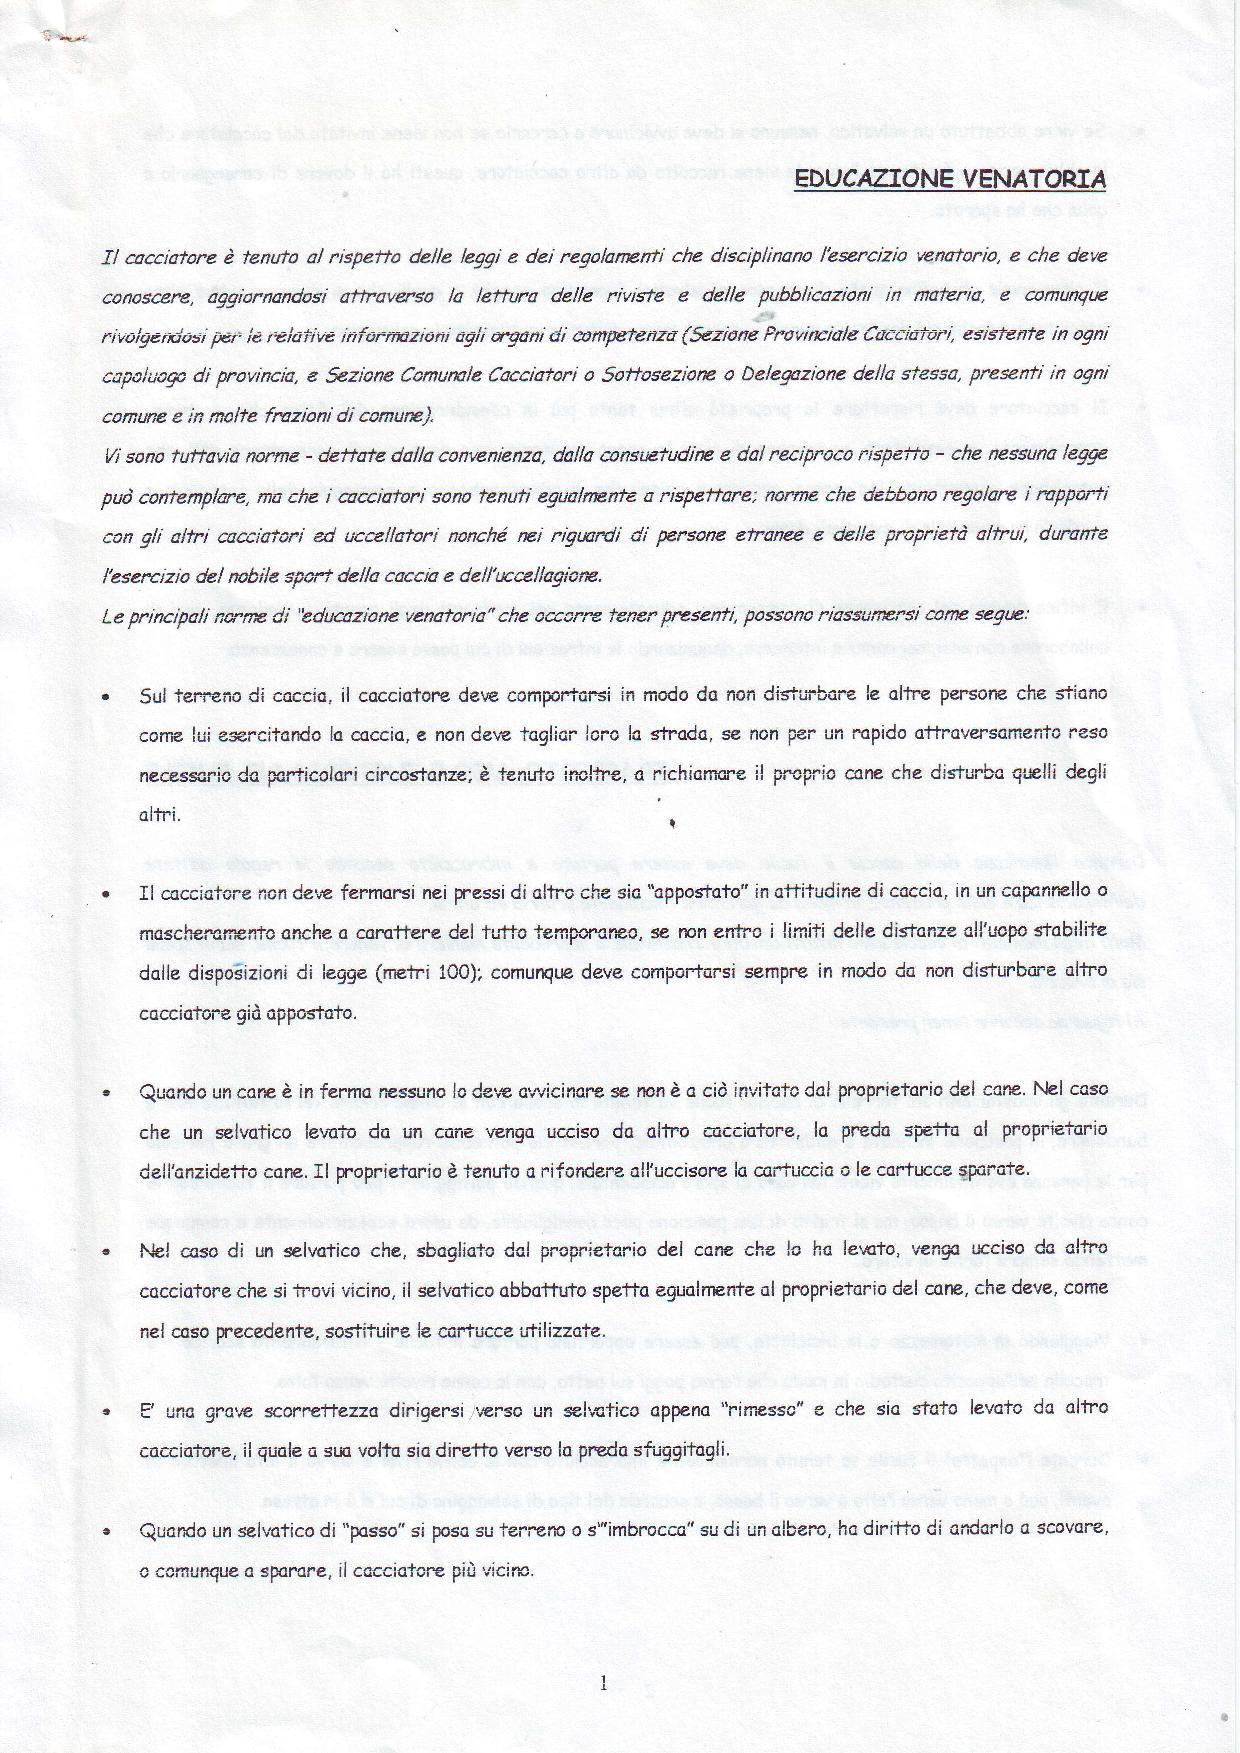 Educazione venatoria-page-002